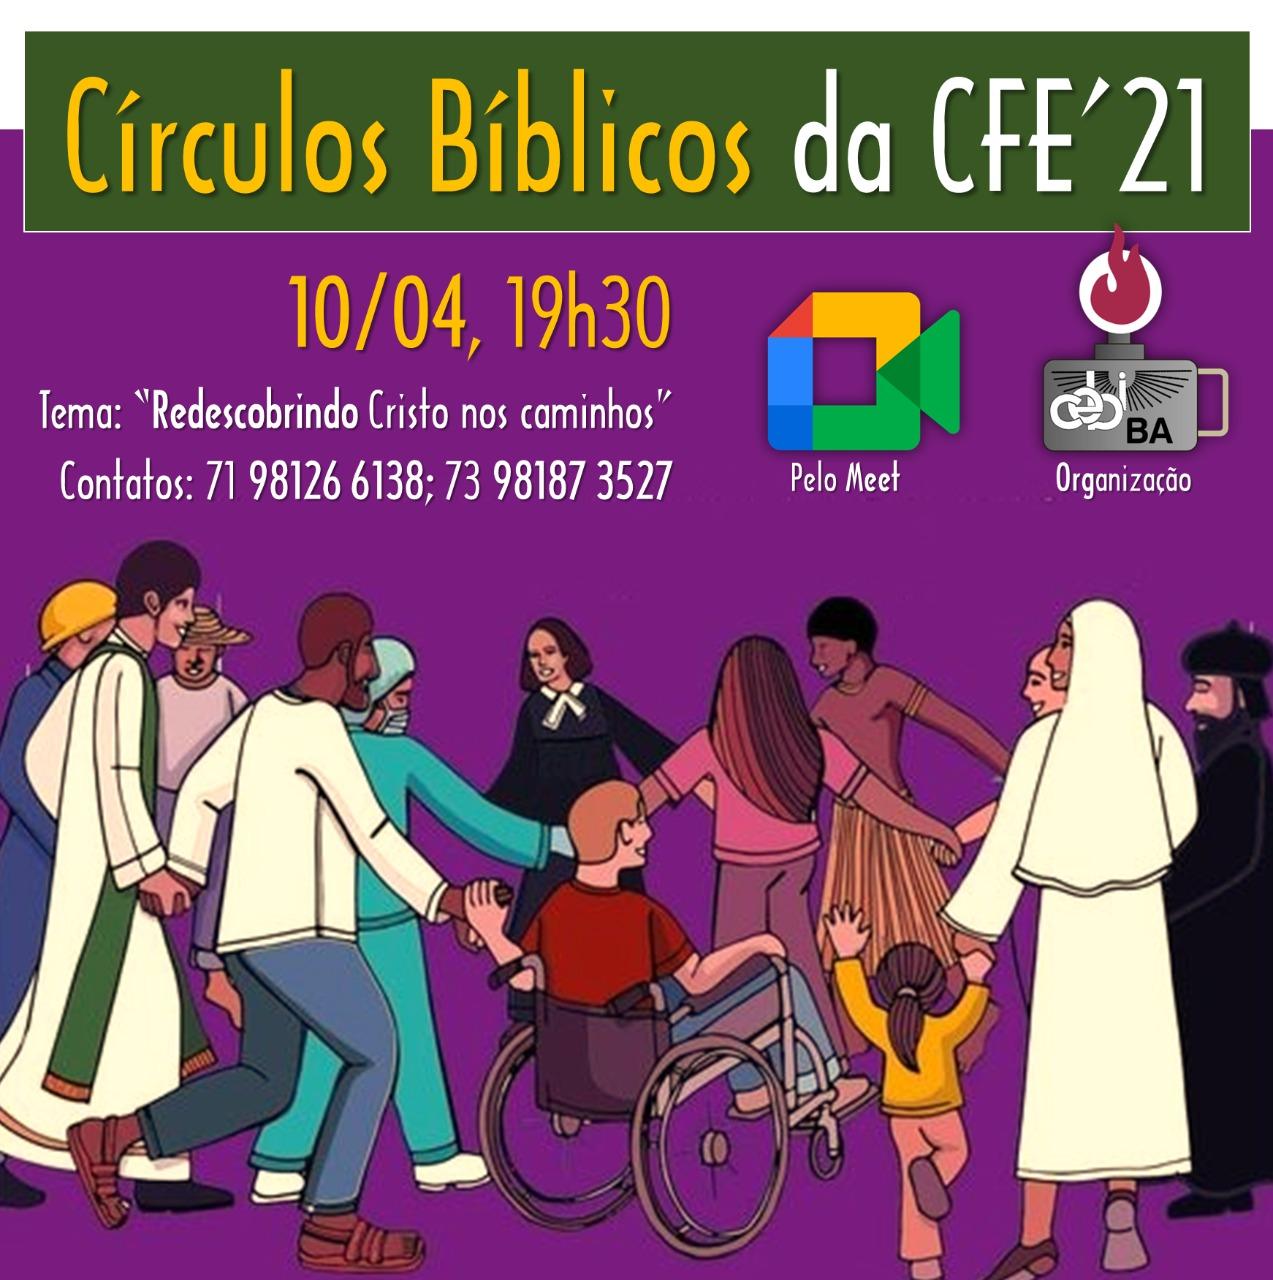 Amanhã(10) é dia de Circulo Bíblico do CEBI Bahia